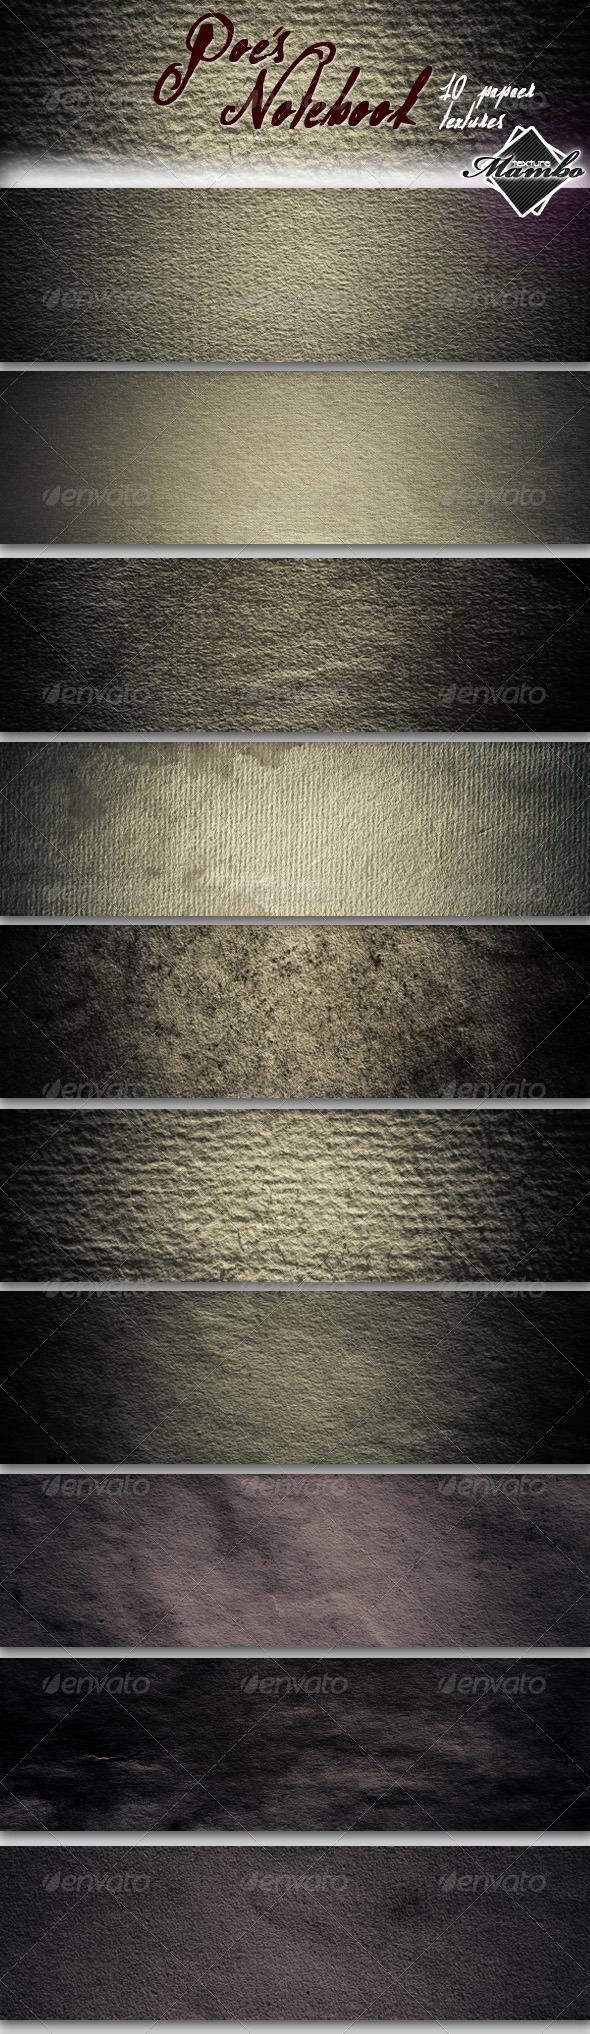 Poe's Notebook - Paper textures - Paper Textures